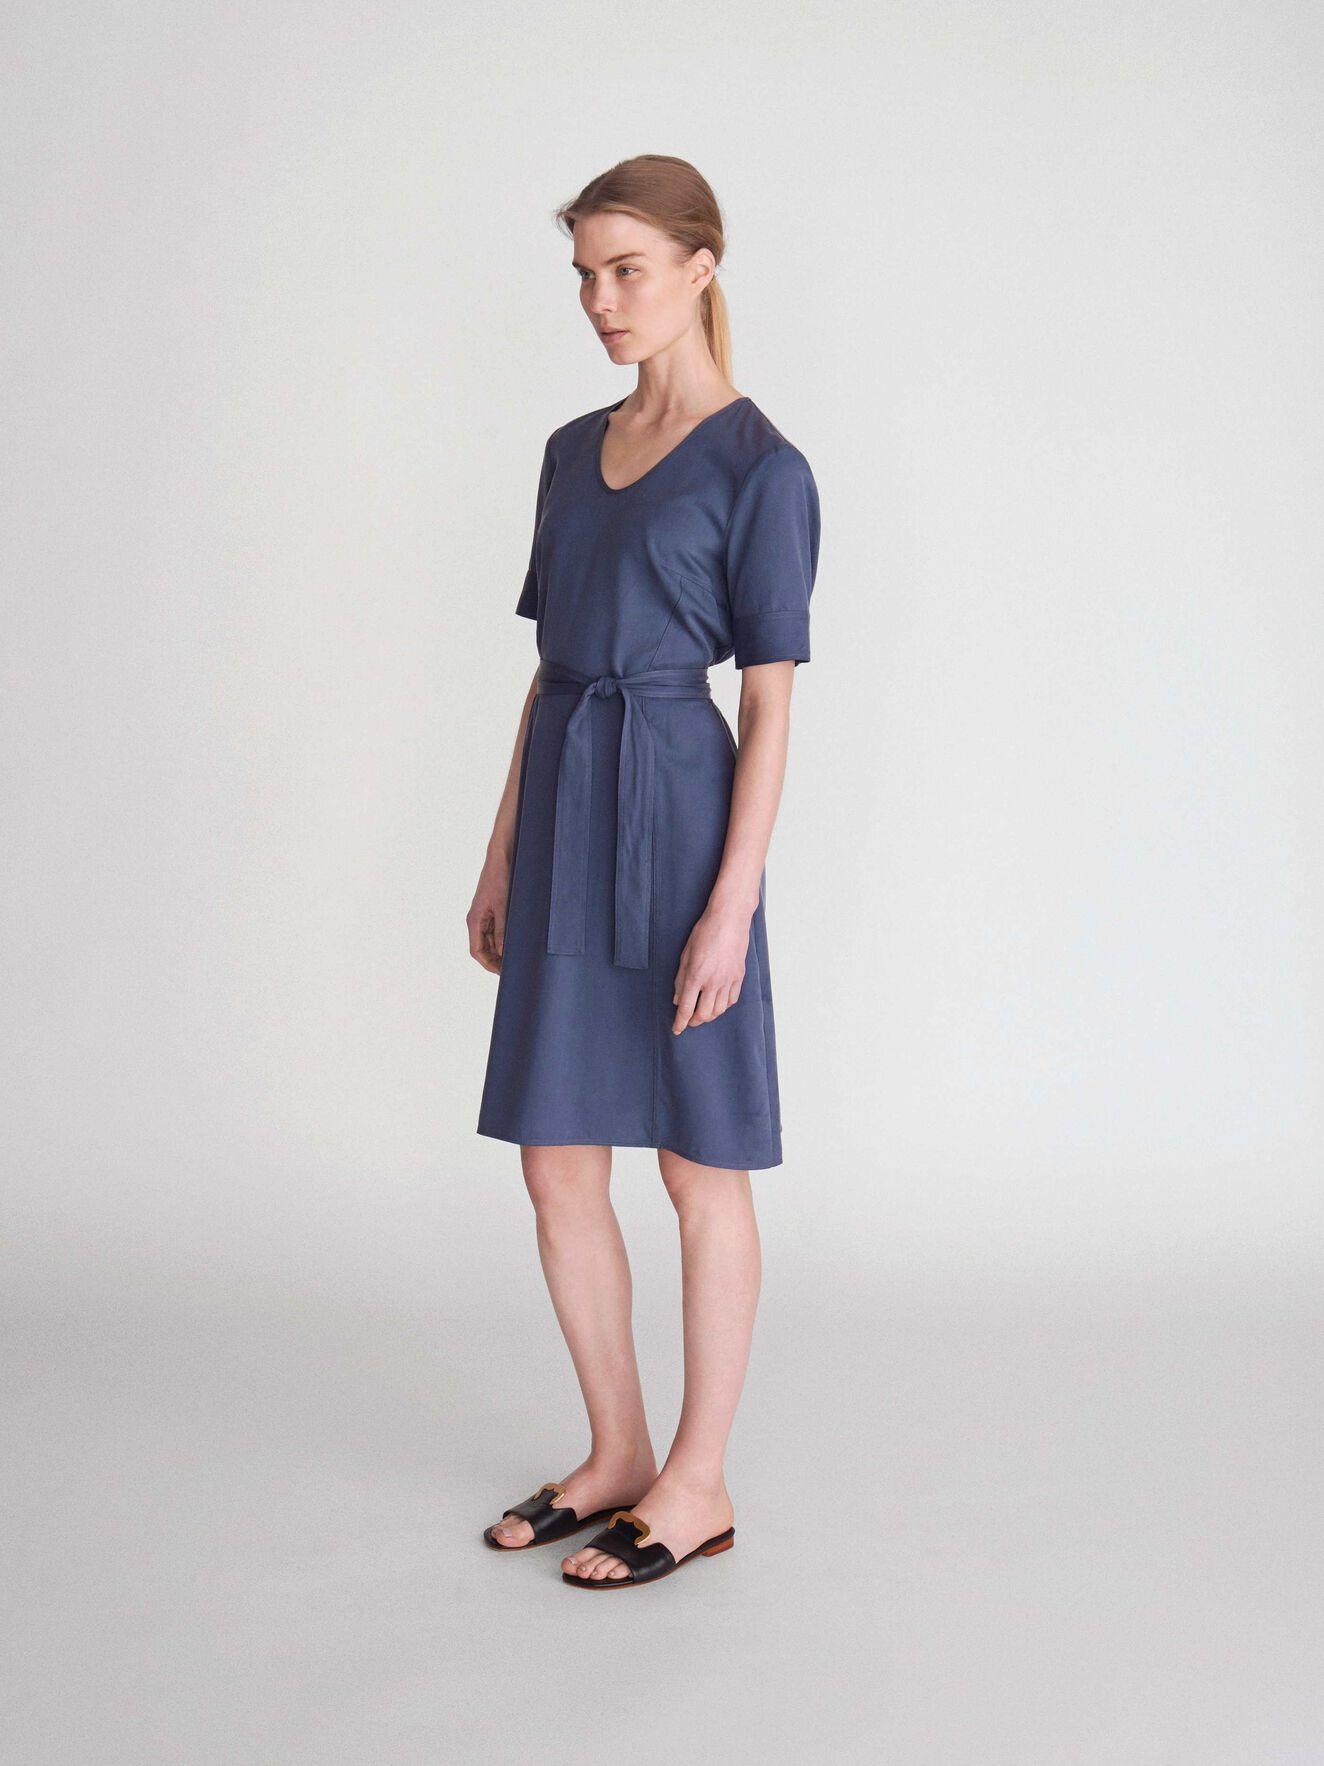 5bf515c0e667 Klänningar - handla klänningar i olika design online på Tiger of Sweden